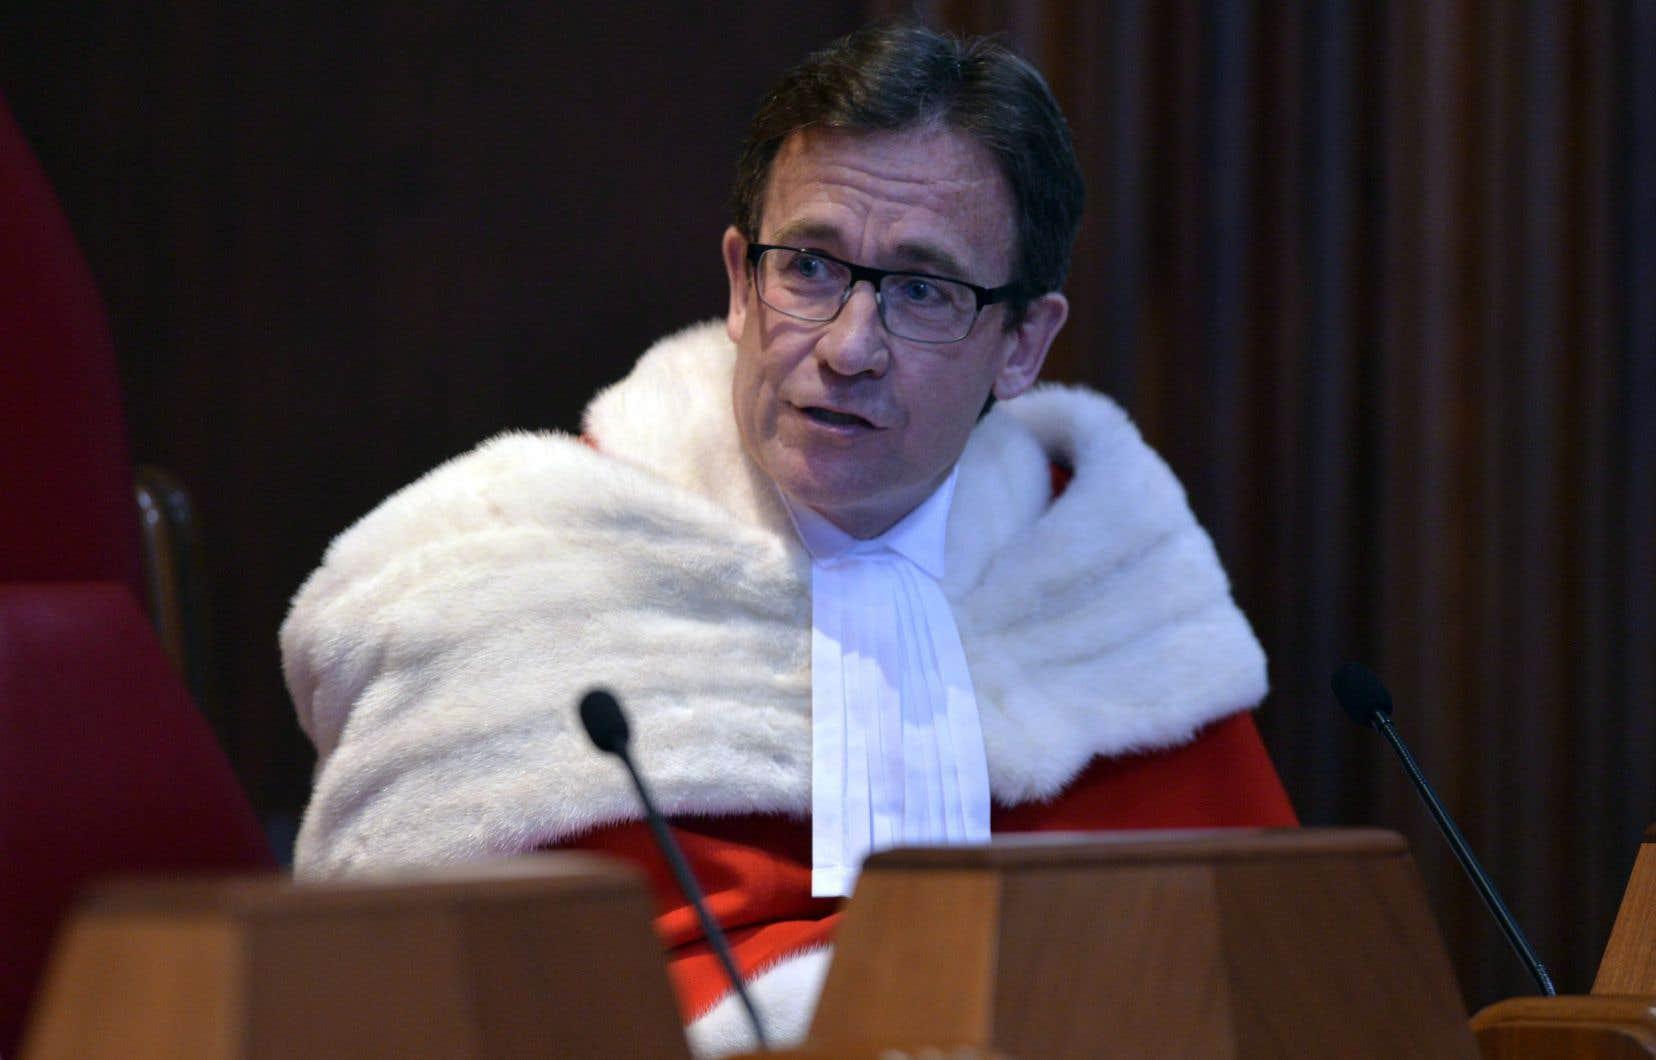 Le juge Clément Gascon quittera ses fonctions le 15 septembre prochain.